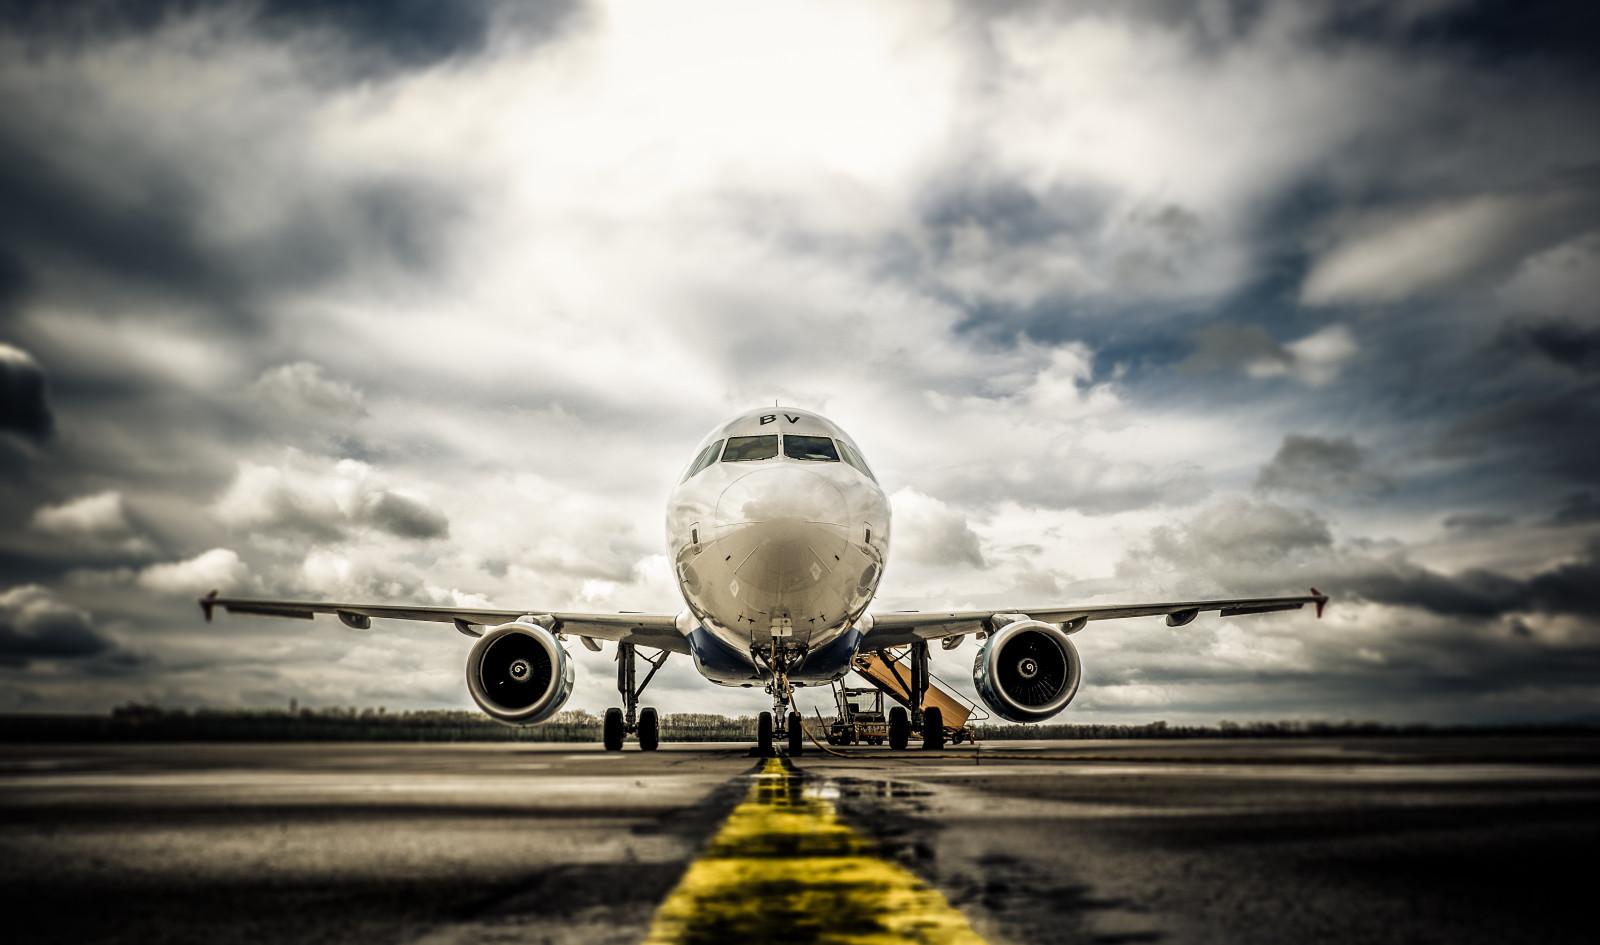 デスクトップ壁紙 : 嵐, 天気, 雲, 空港, 富士, 航空機, エアバス, フジフィルム, xt1, ミラーレス 4848x2864 ...